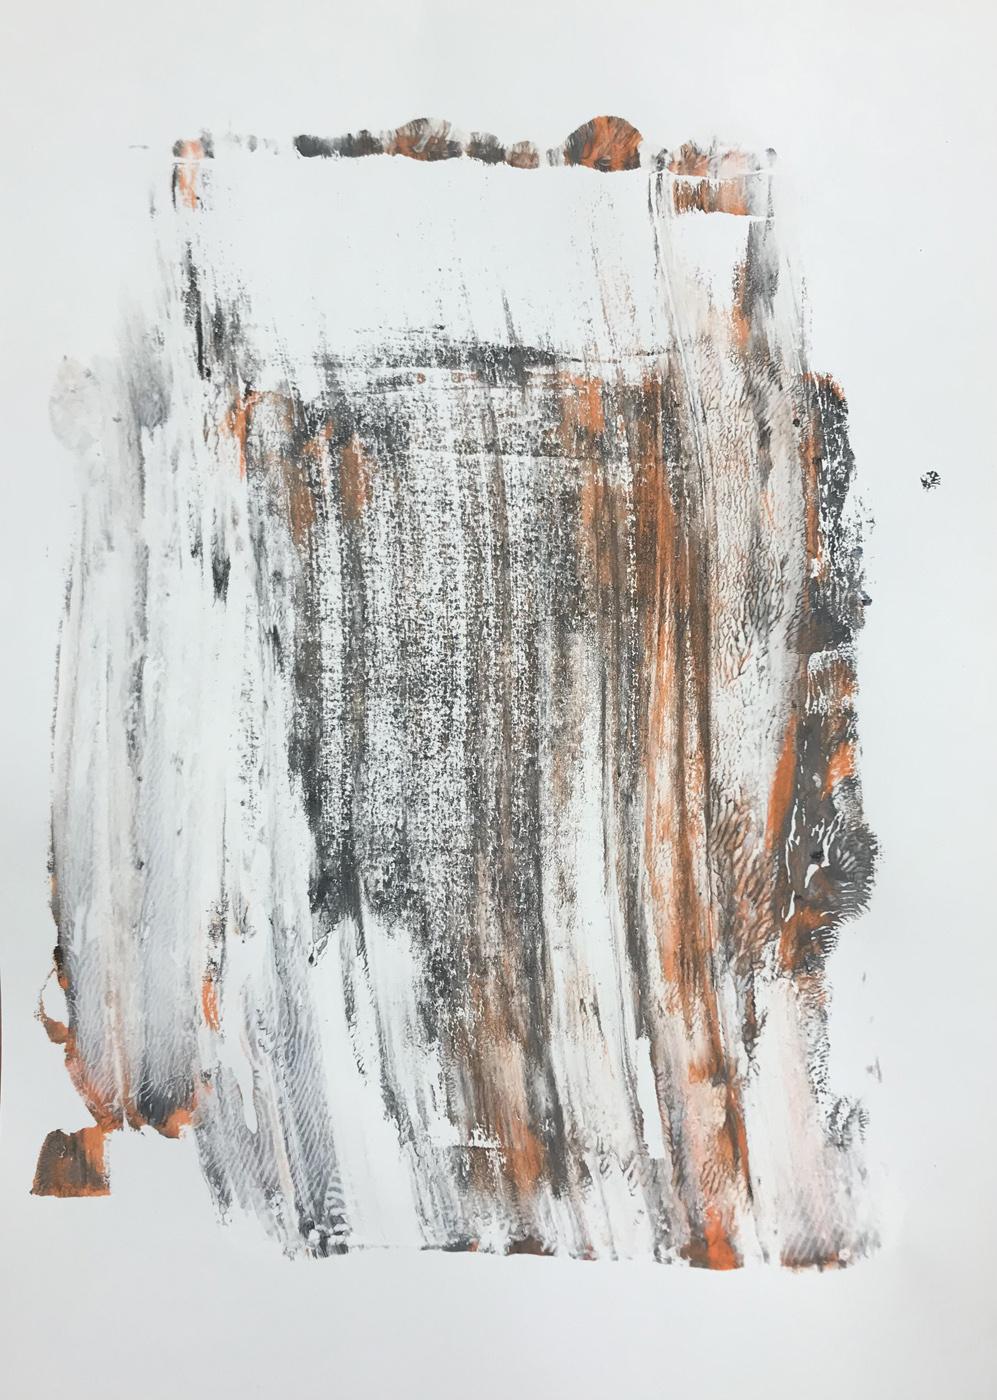 MARC FELD 2021 ALLUSIONS ALLUVIONS Gouache sur papier 30 x 42 cm